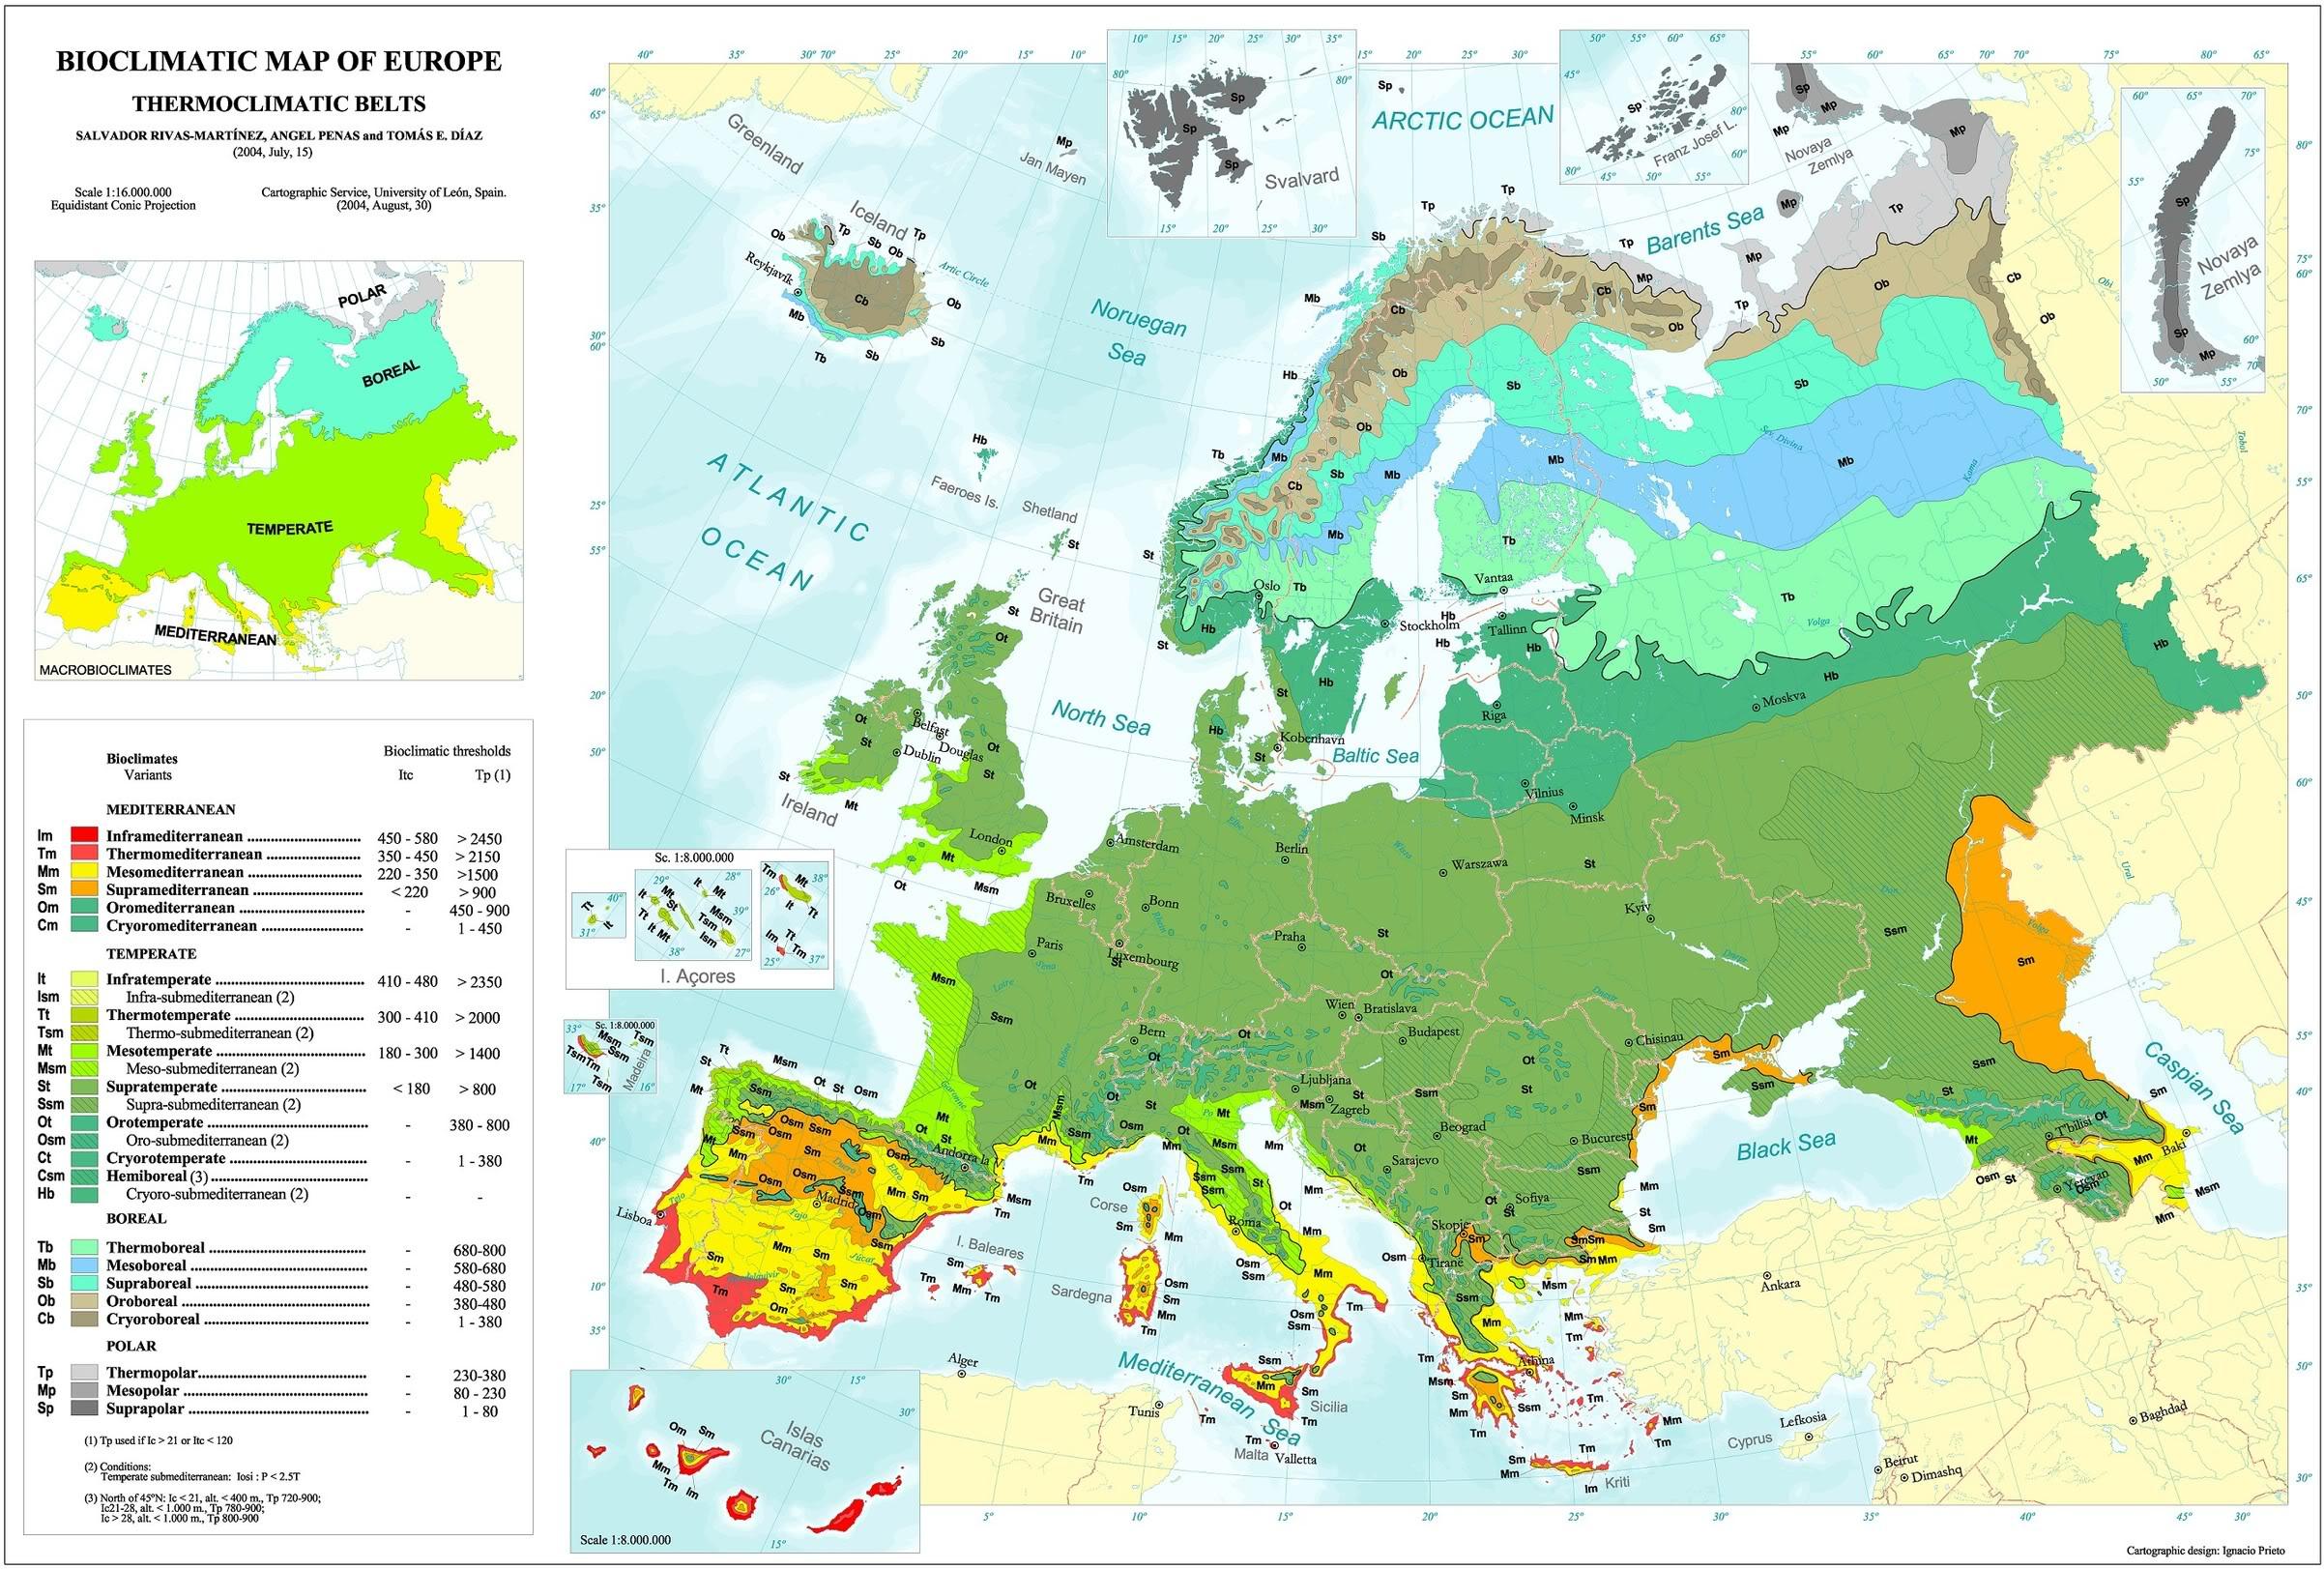 Mappe climatiche per proiezioni future: pareri e discussioni-climi_europa.jpg